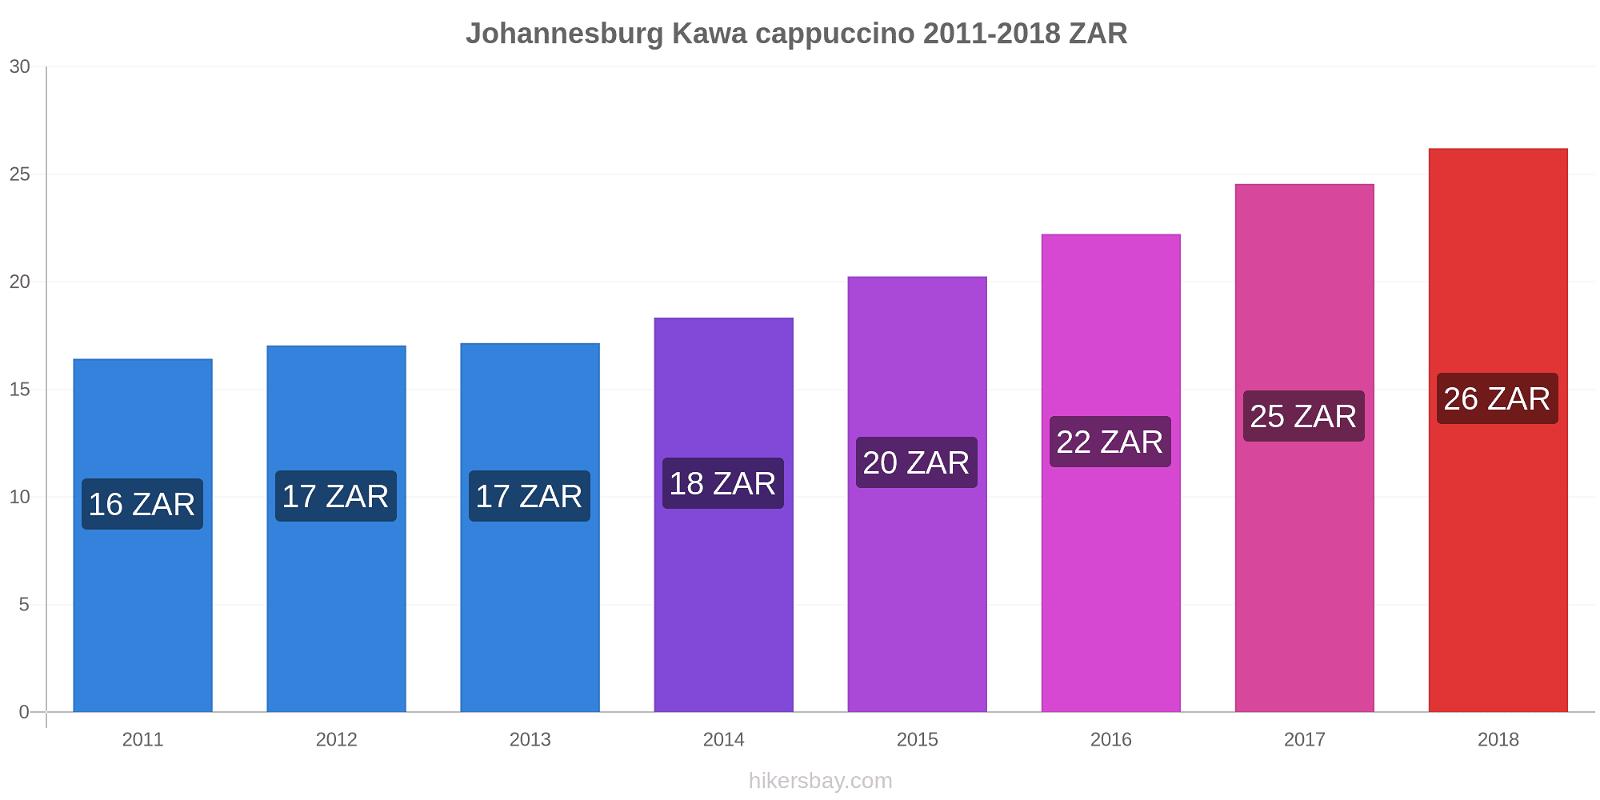 Johannesburg zmiany cen Kawa cappuccino hikersbay.com